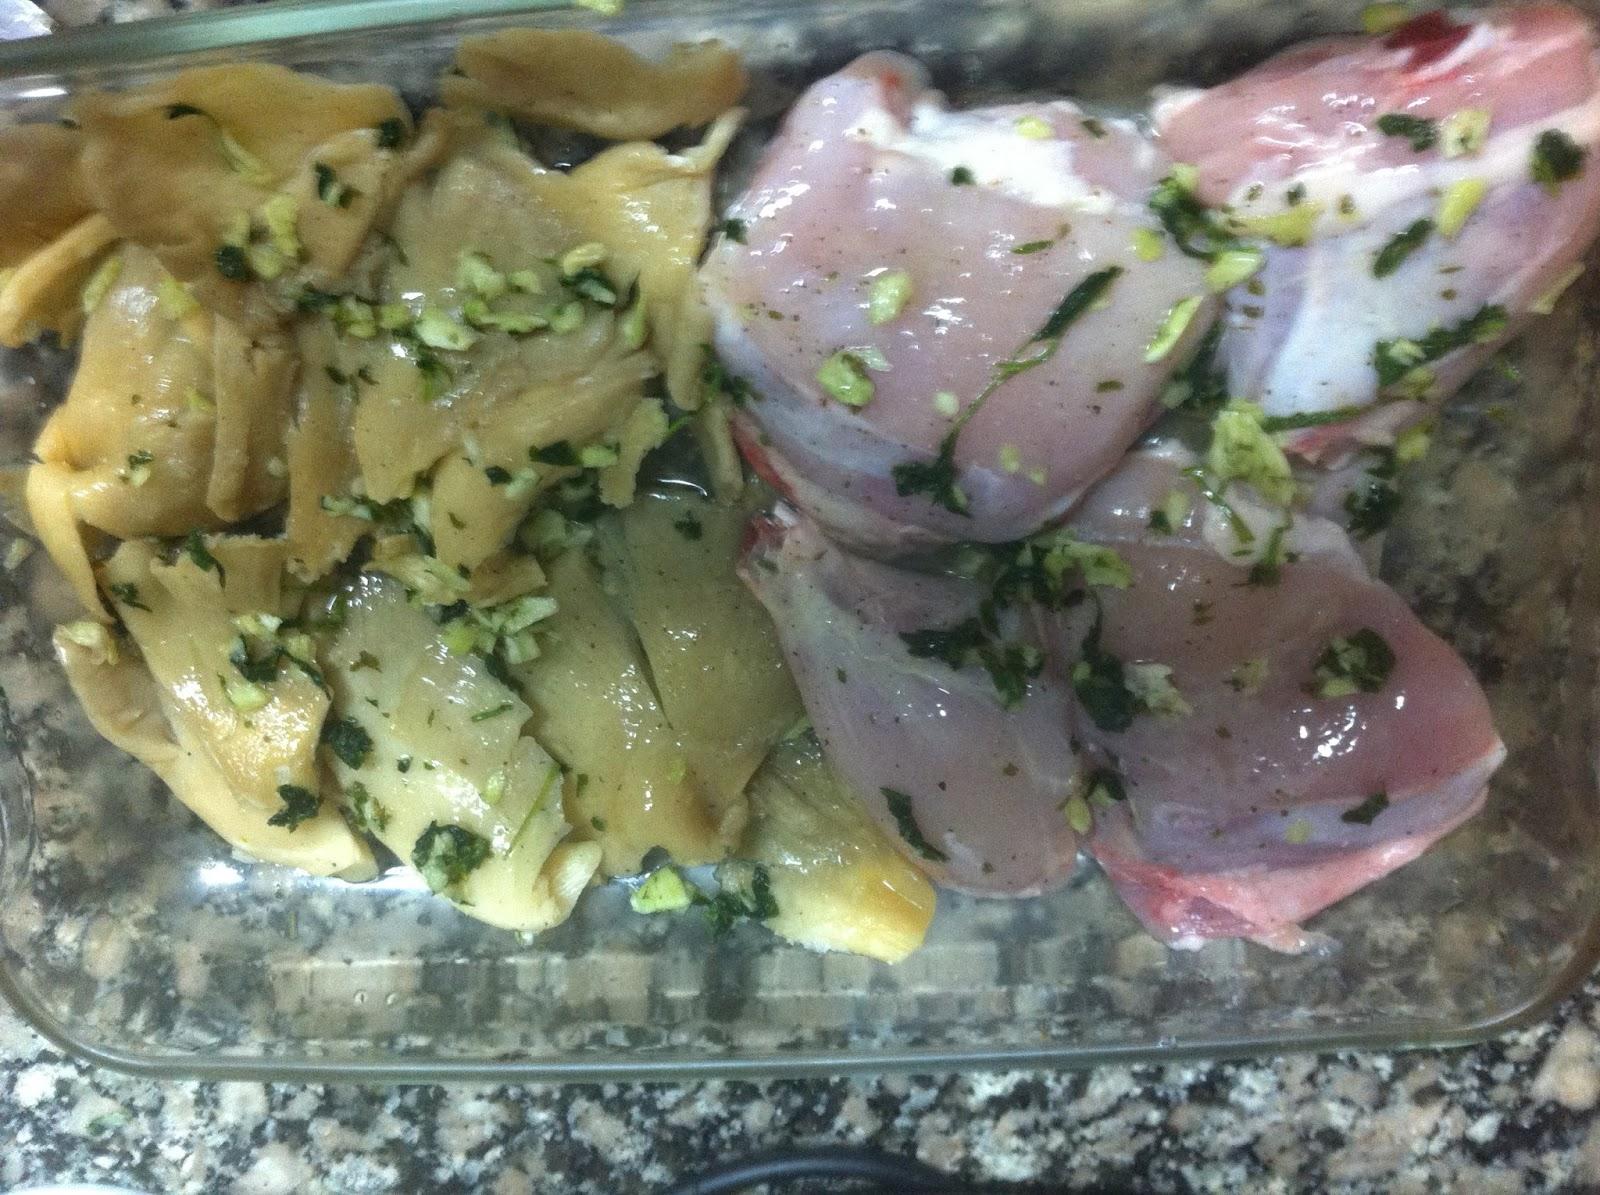 La cocina de beli cuartos traseros de pollo con setas al - Limpiar horno con limon ...